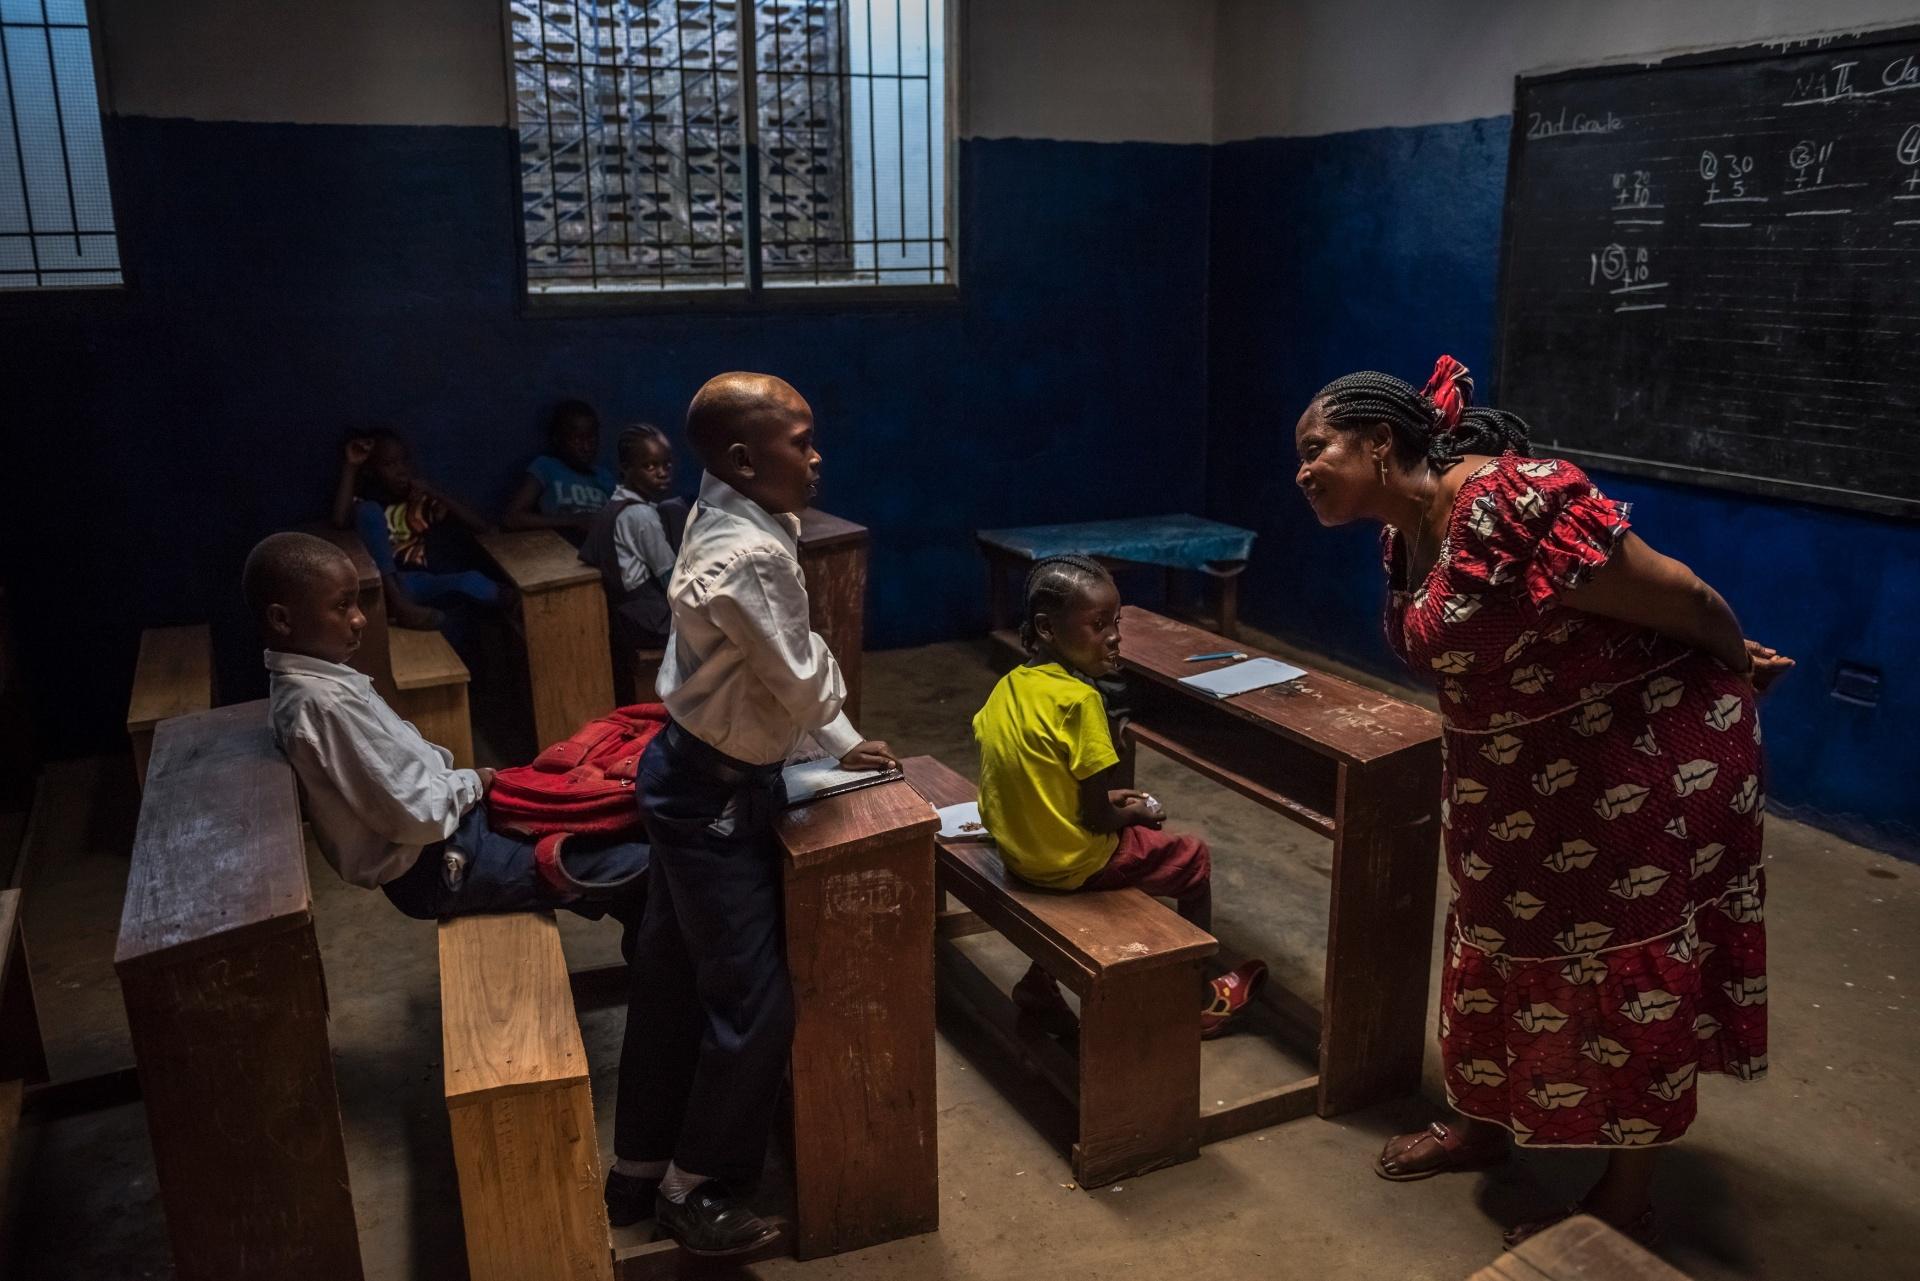 4.mar.2015 - Alunos do segundo ano do ensino fundamental ouvem a professora substituta, após um professor faltar pelo terceiro dia seguido, na escola C.D.B. King, em Monrovia, na Libéria